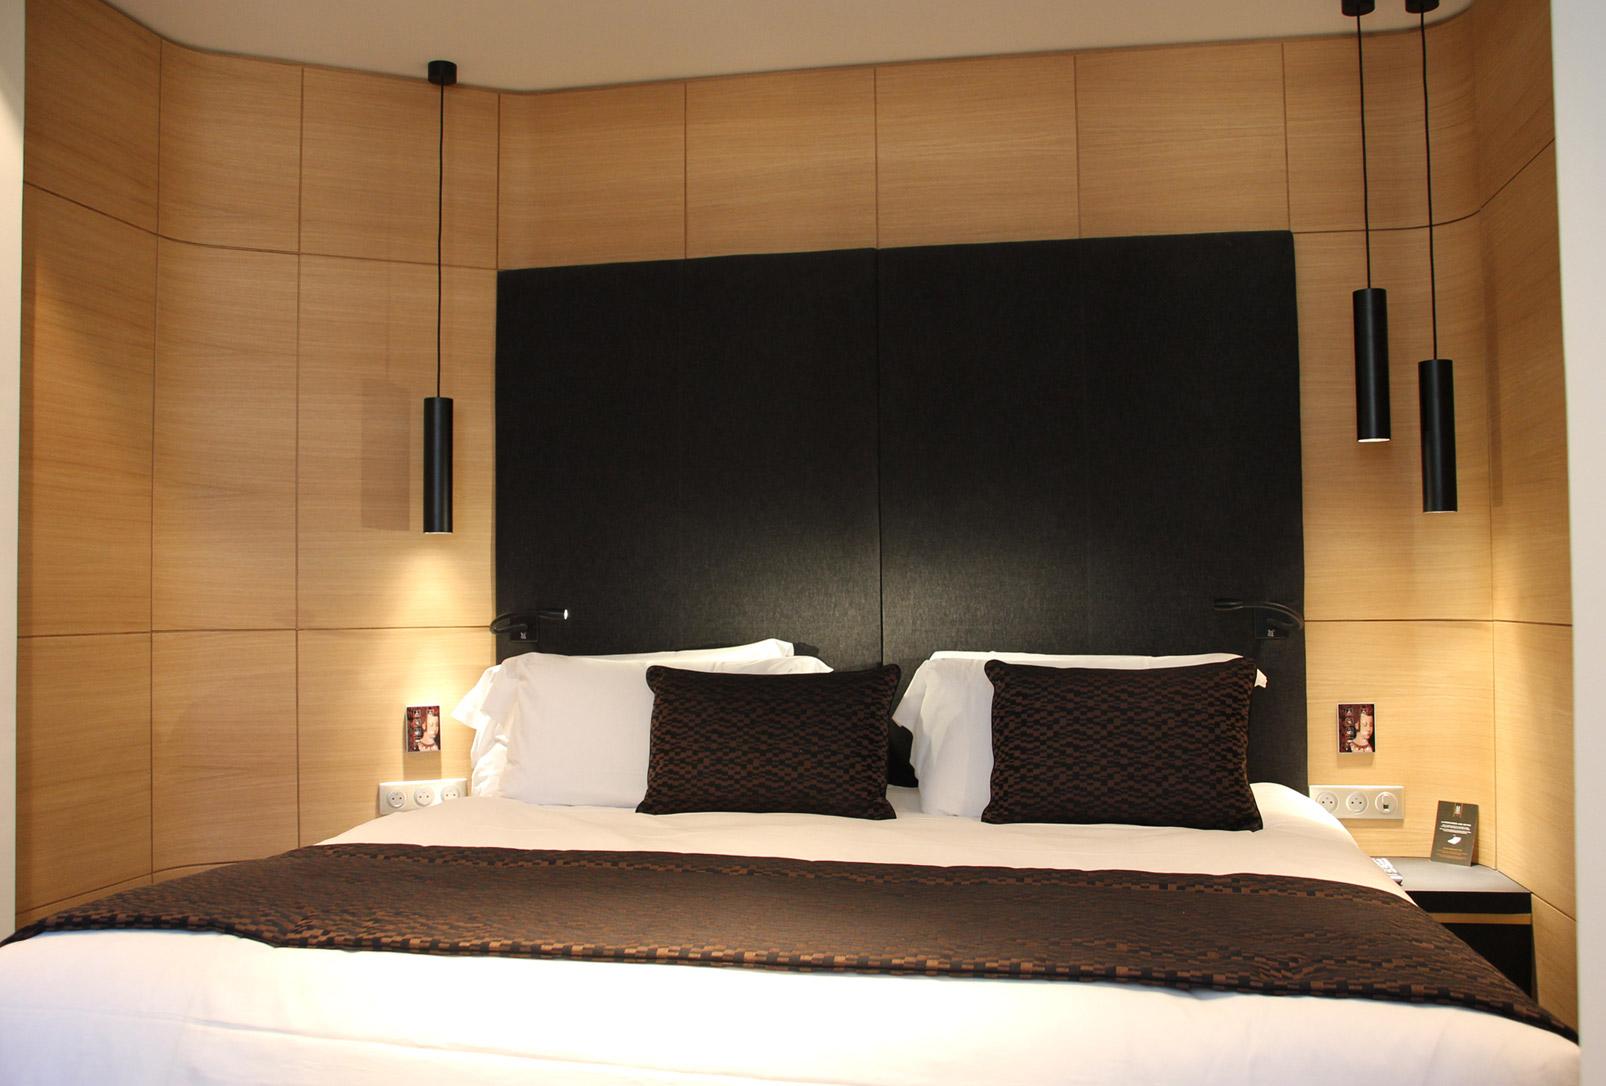 Tête de lit bois et revêtement tissu